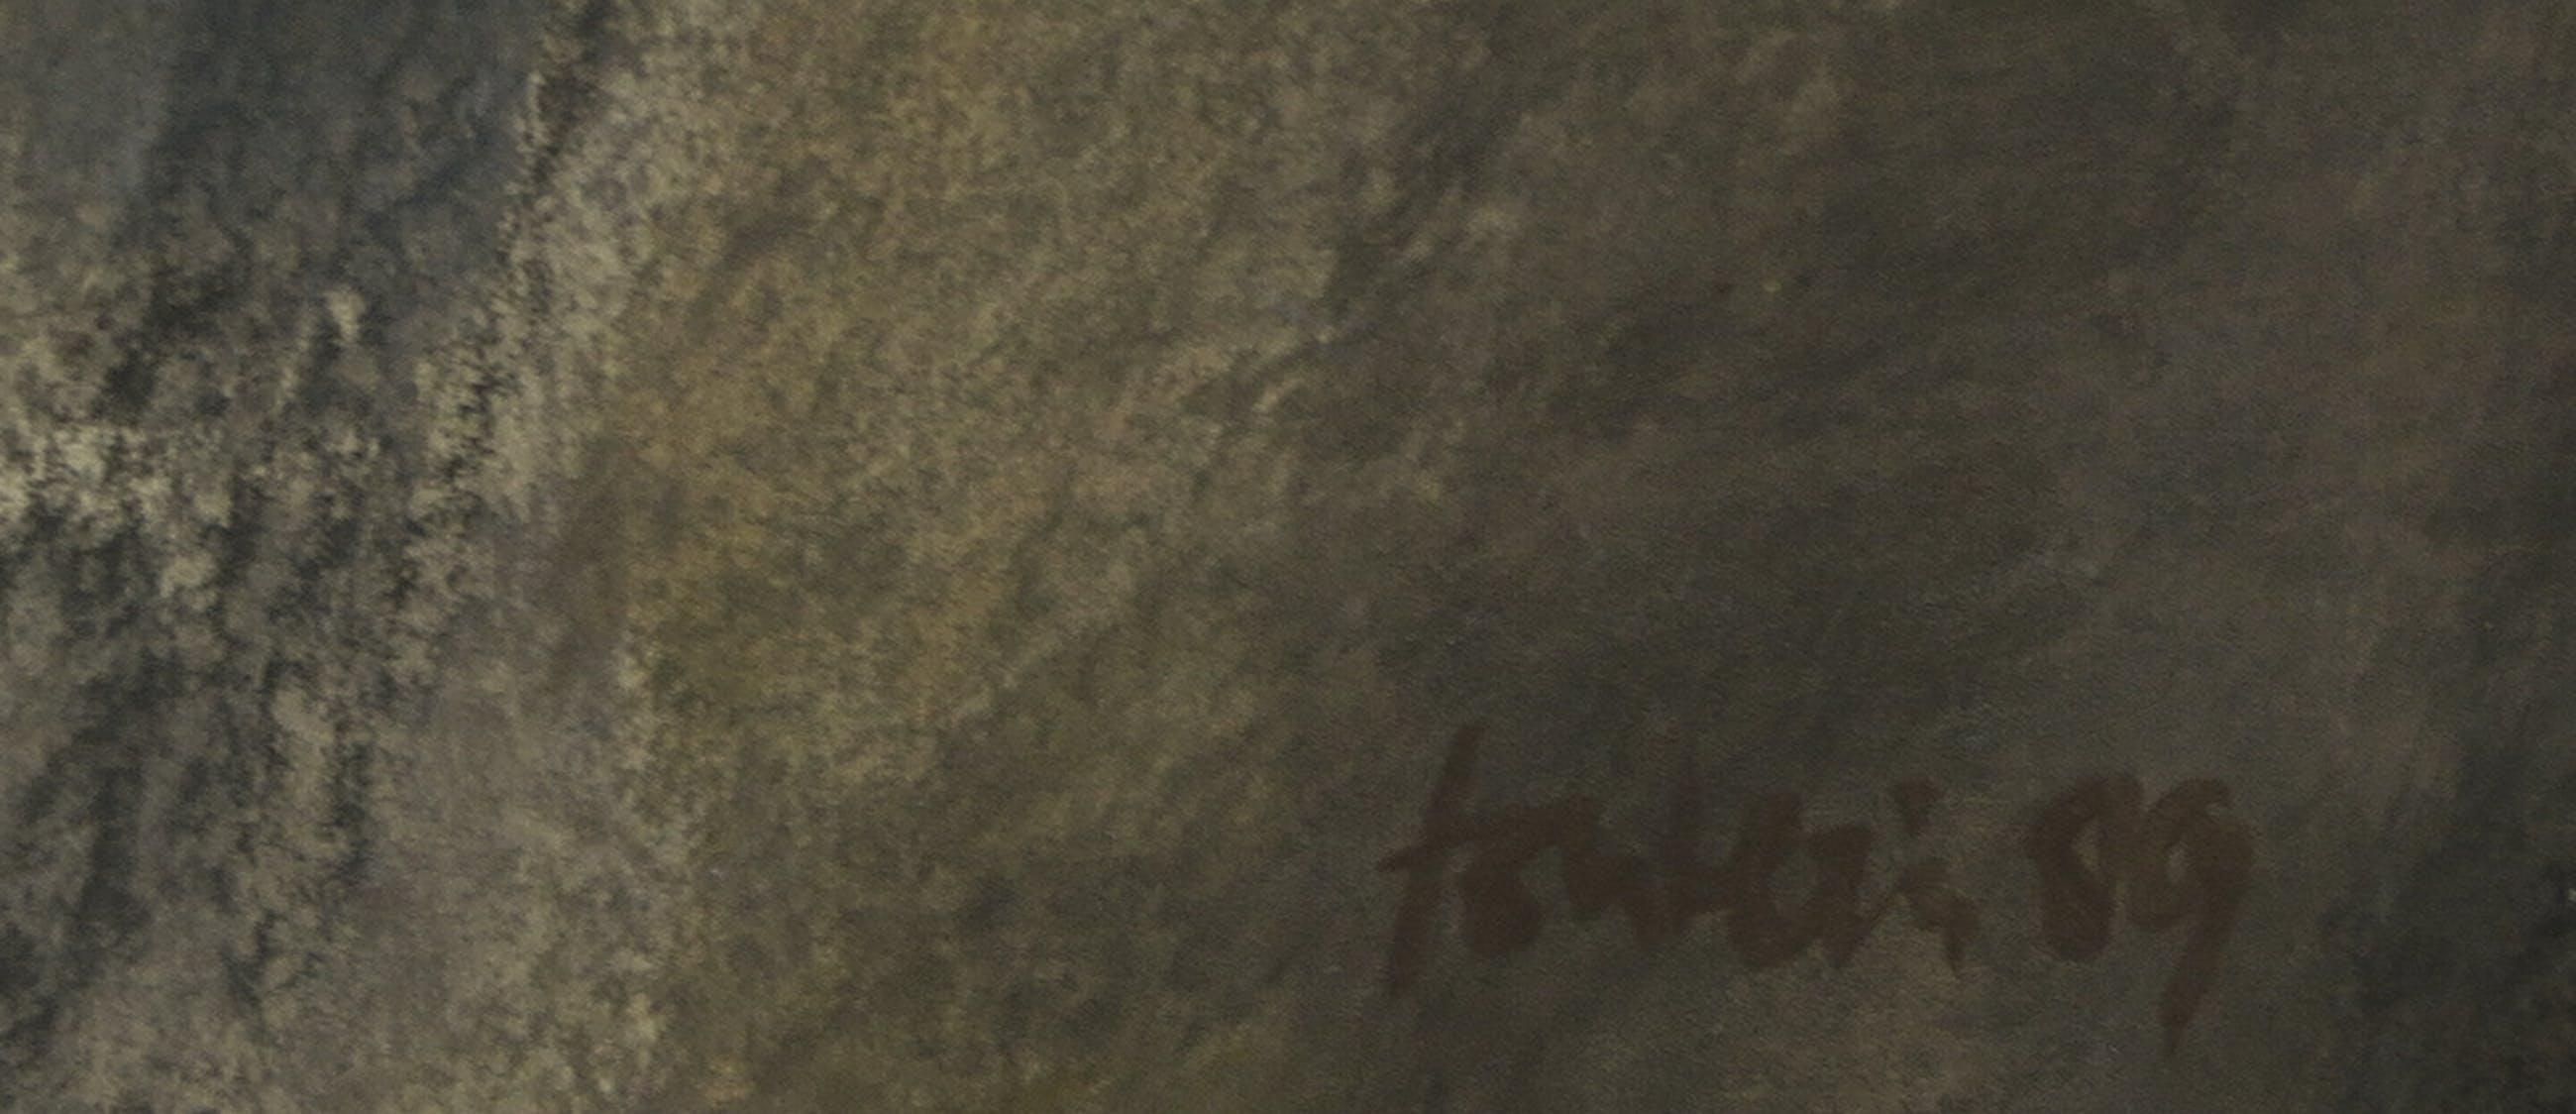 Niet of onleesbaar gesigneerd - Gemengde techniek op papier, Zonder titel - Ingelijst kopen? Bied vanaf 1!